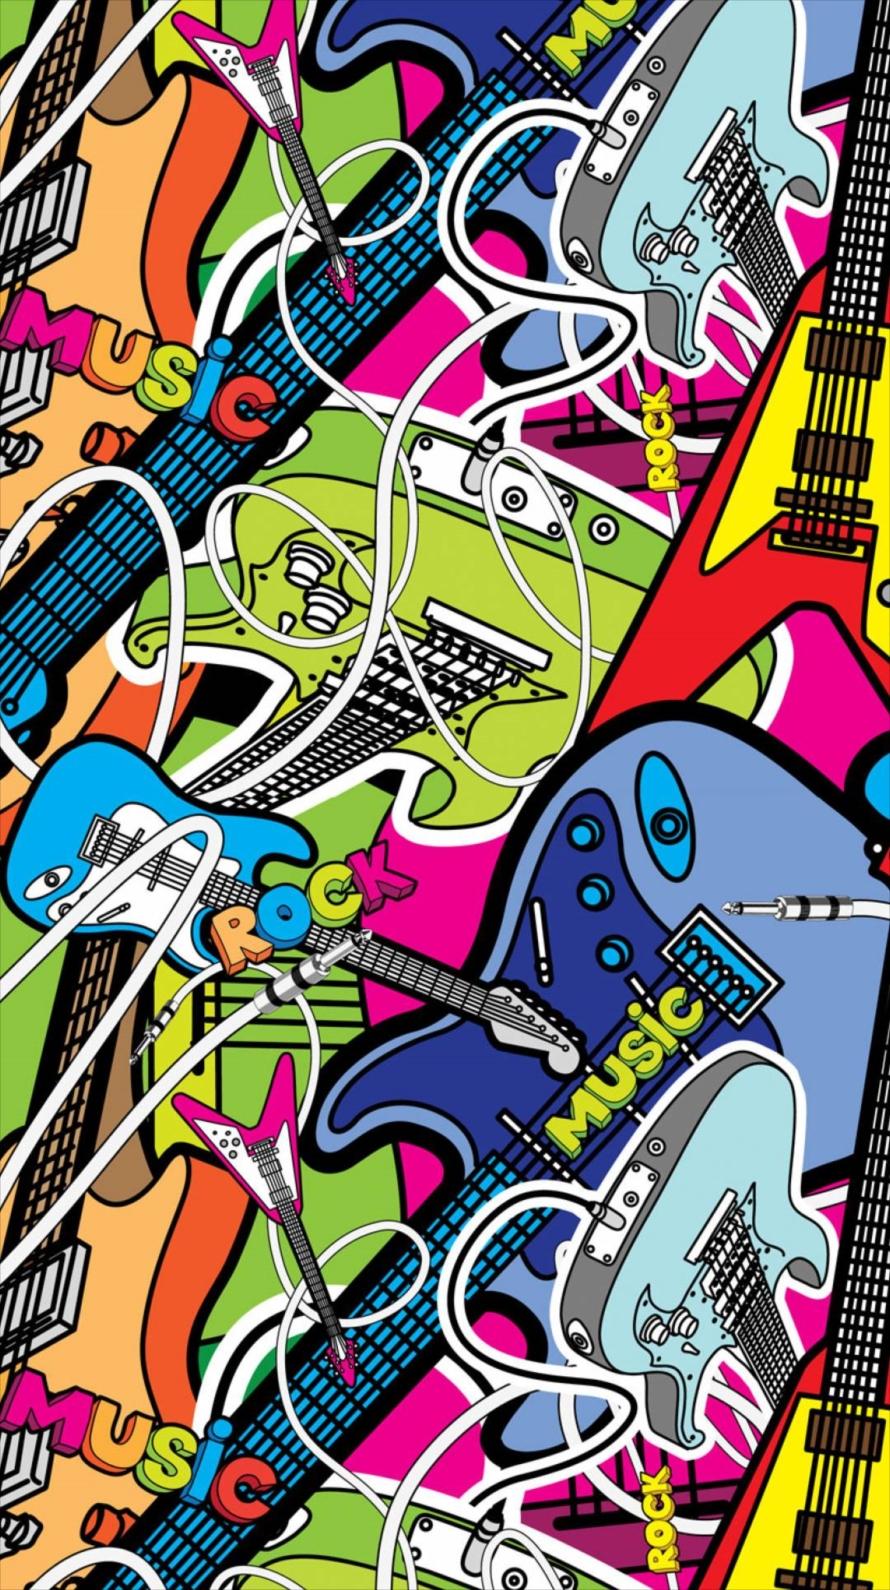 ポップなギター イラスト Iphone6壁紙 Wallpaperbox